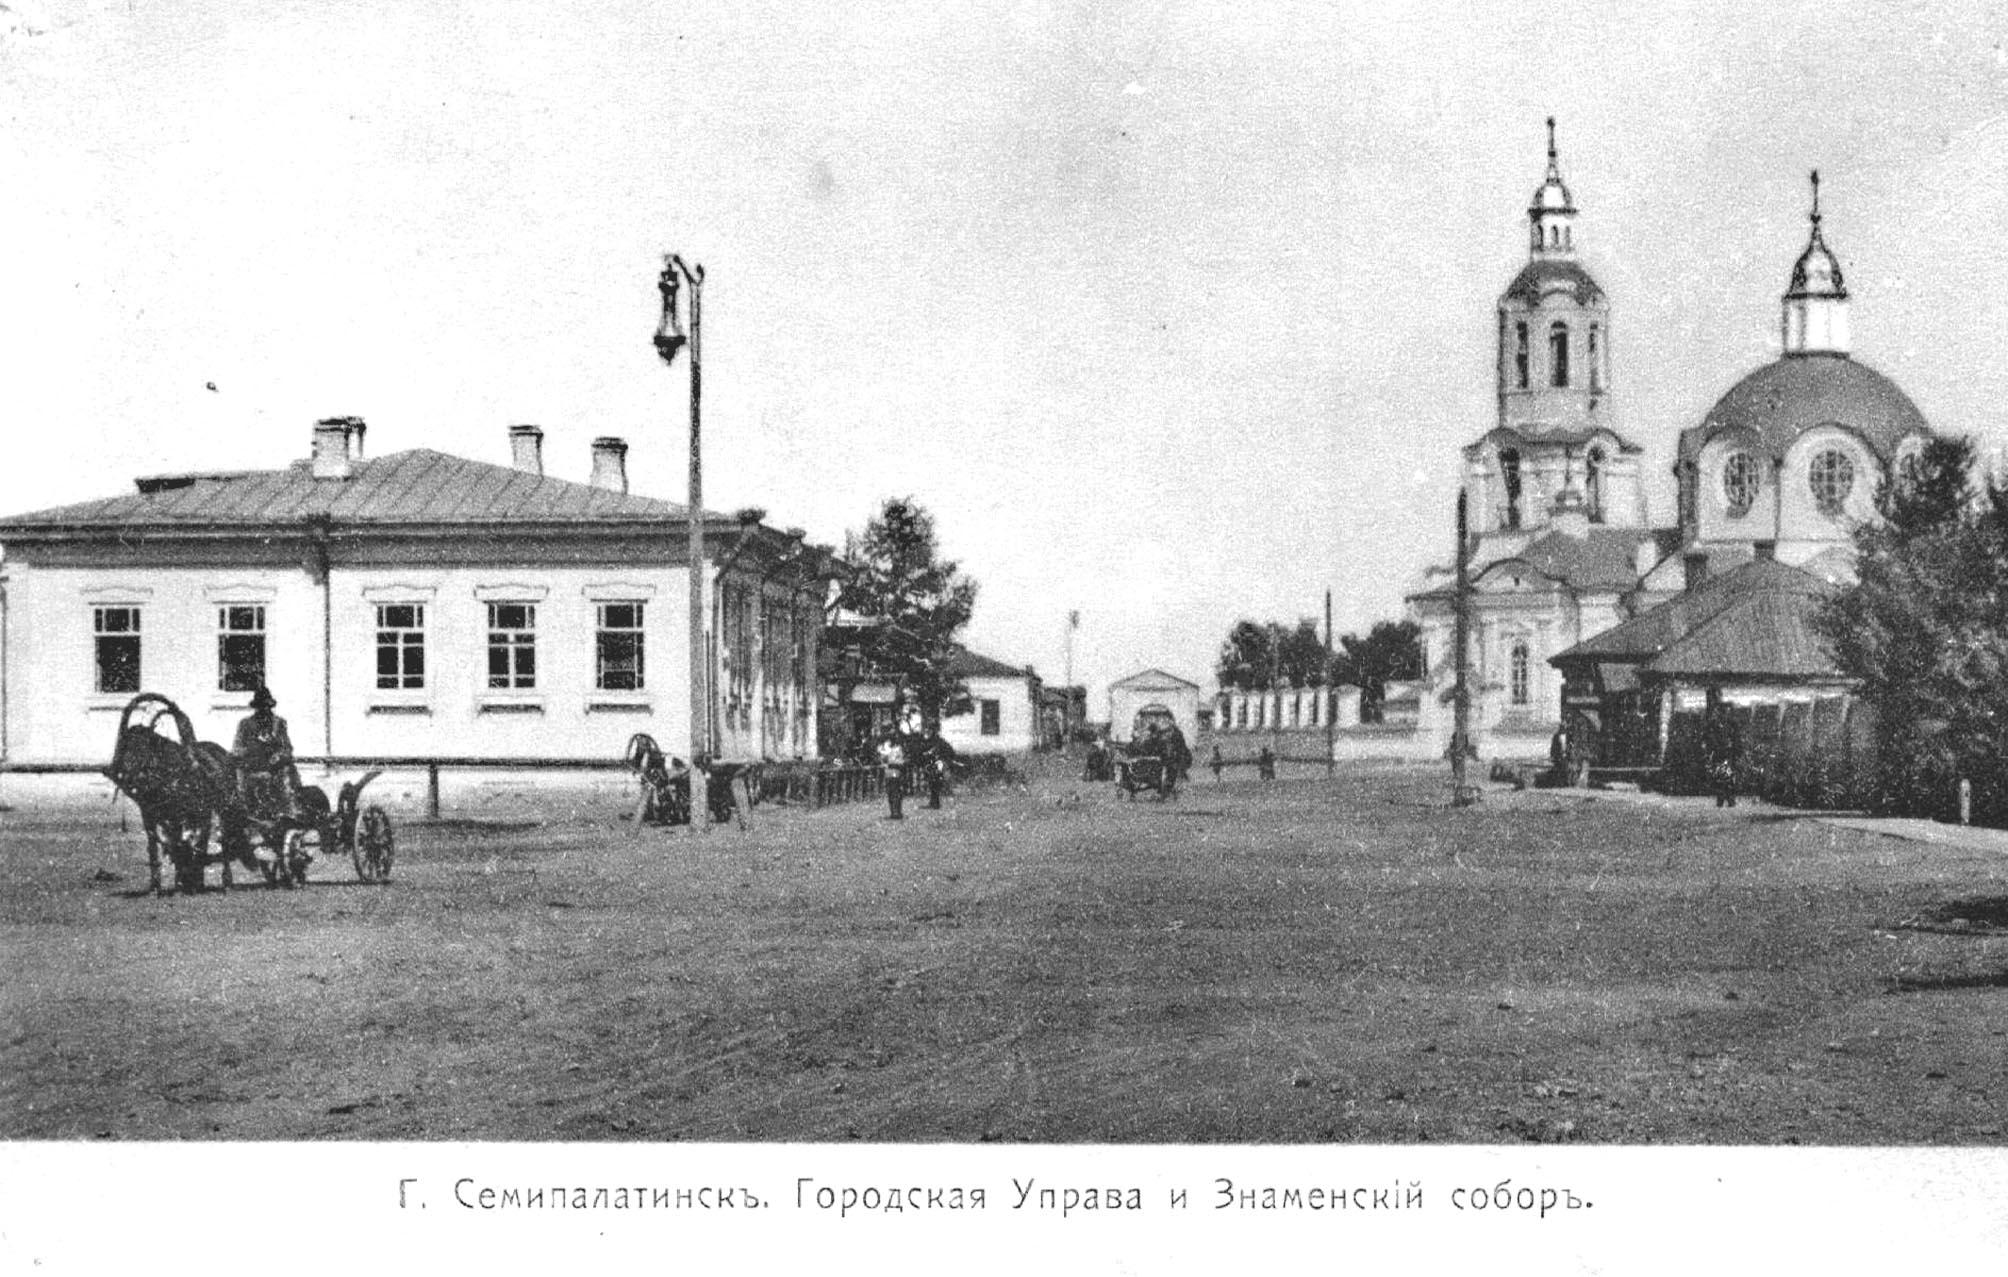 Городская управа и Знаменский собор